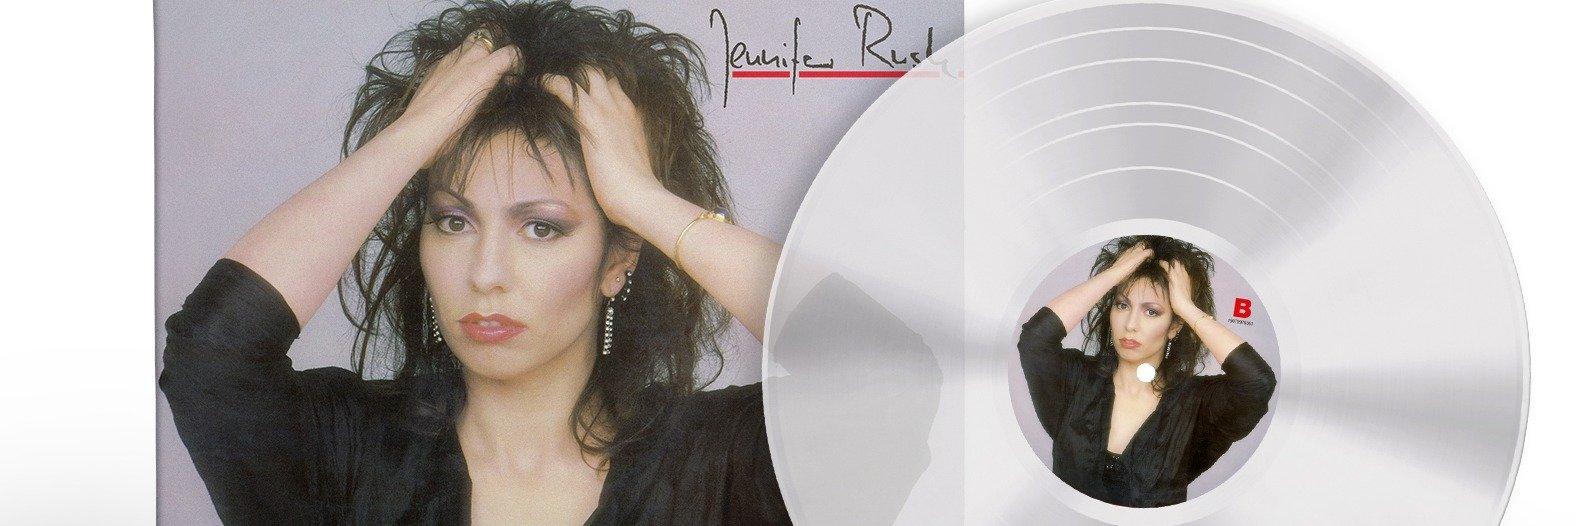 Debiutancki album Jennifer Rush na przezroczystym winylu!